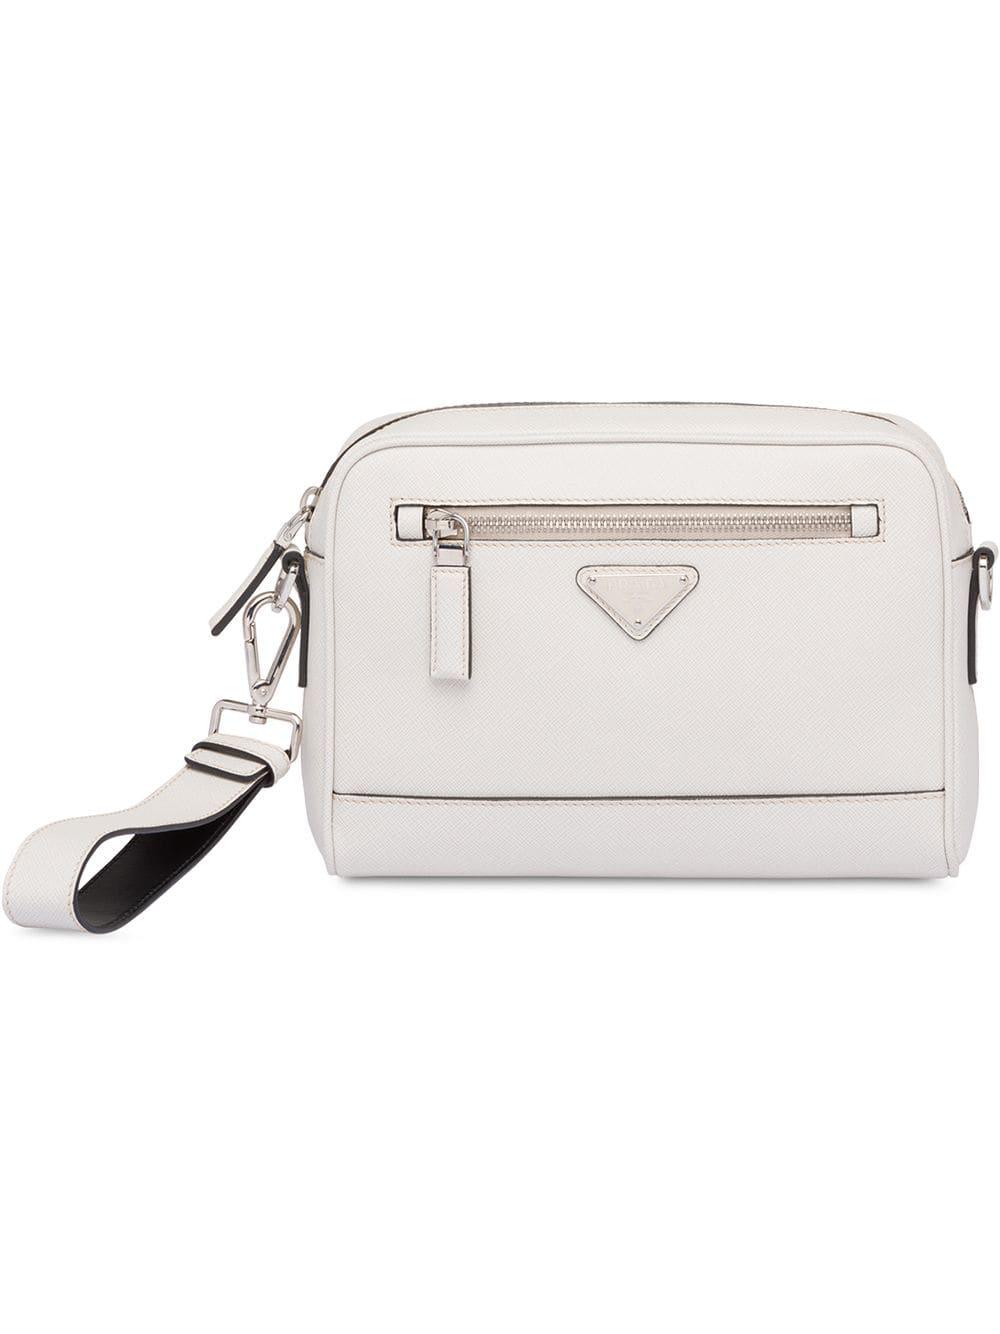 a3720f3728bc00 Prada Saffiano Leather Shoulder Bag - White | ModeSens